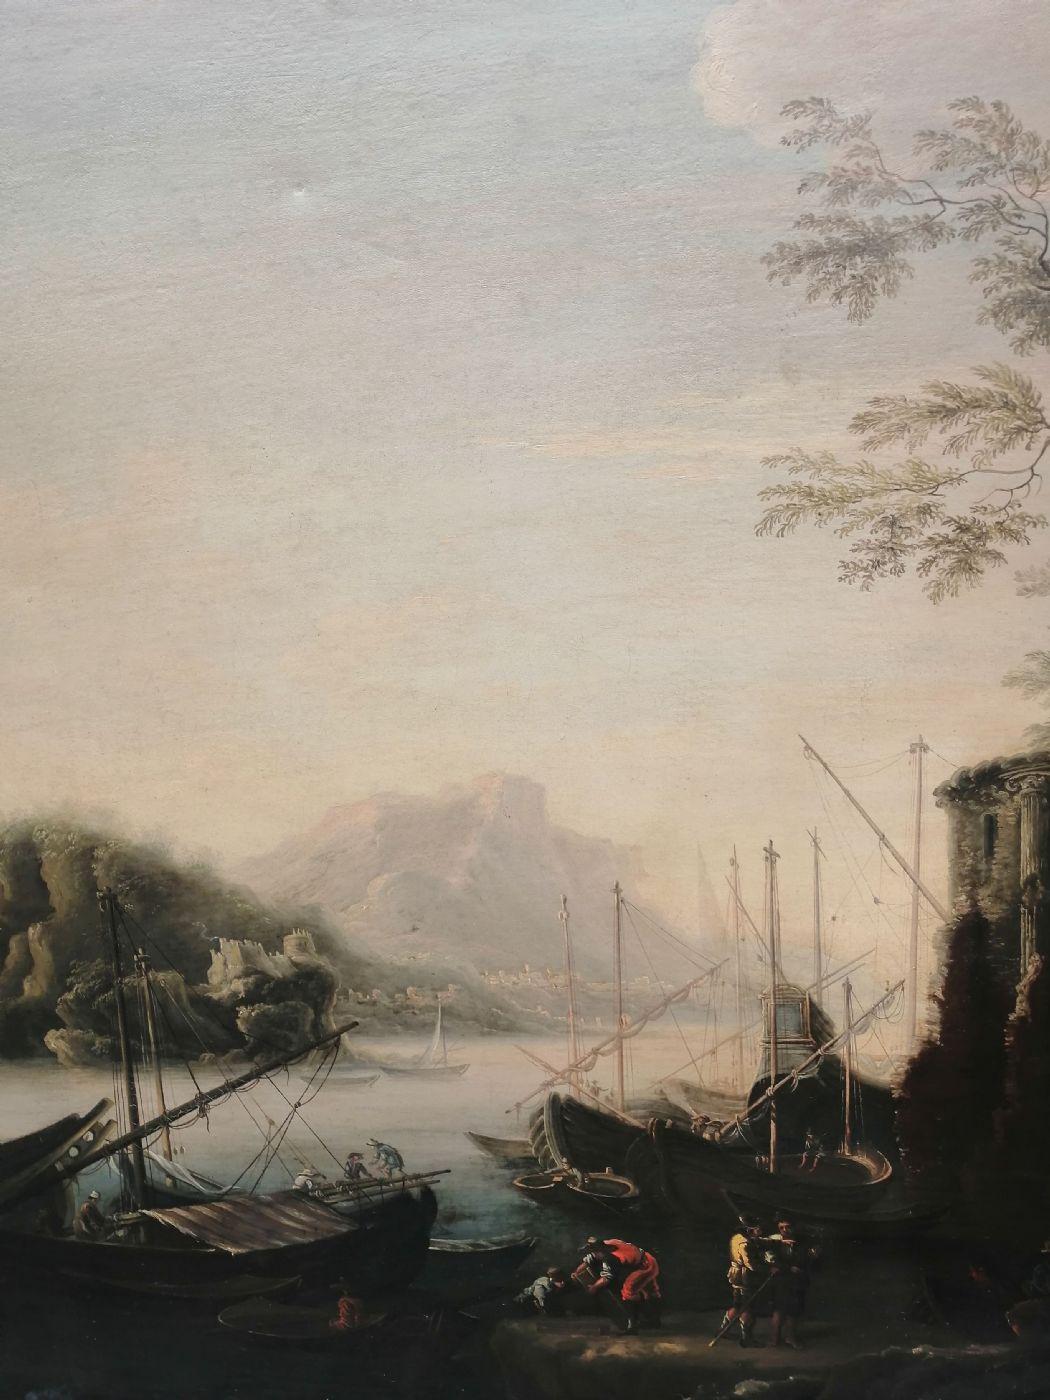 thumb4 Marina delle torri - Paesaggio del '600 con squero, rovine e figure, da Salvator Rosa (1615 - 1673)